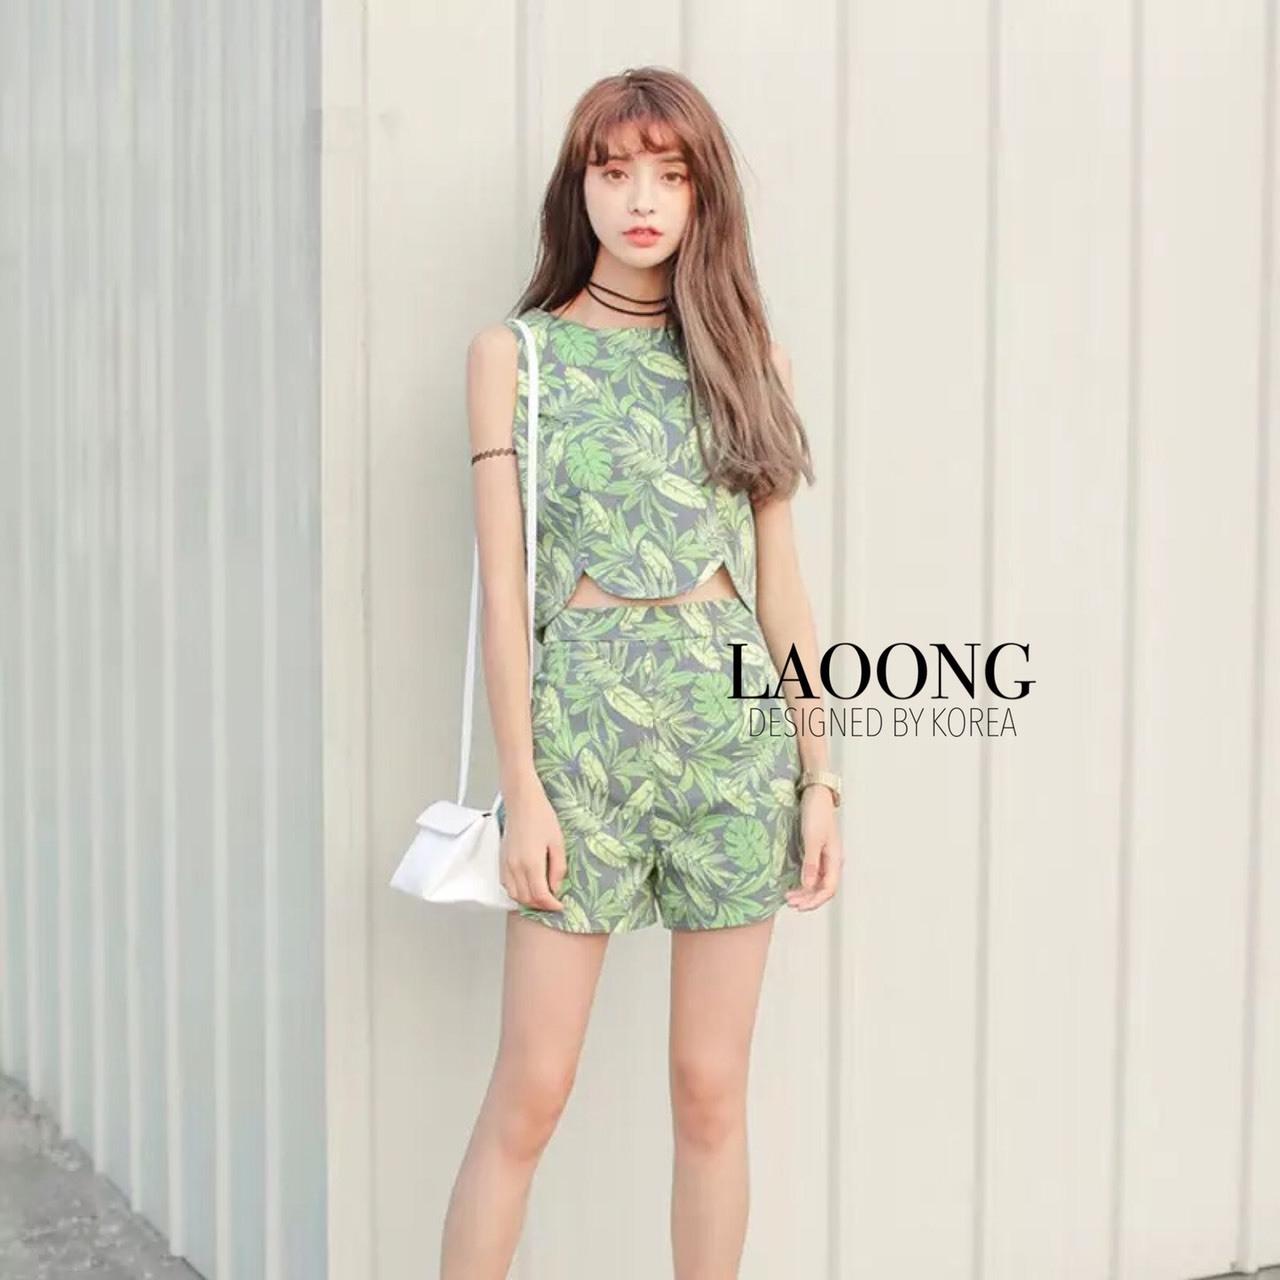 เสื้อผ้าแฟชั่นเกาหลี พร้อมส่งset เสื้อ+กางเกงลายใบไม้สีเขียวอ่อน